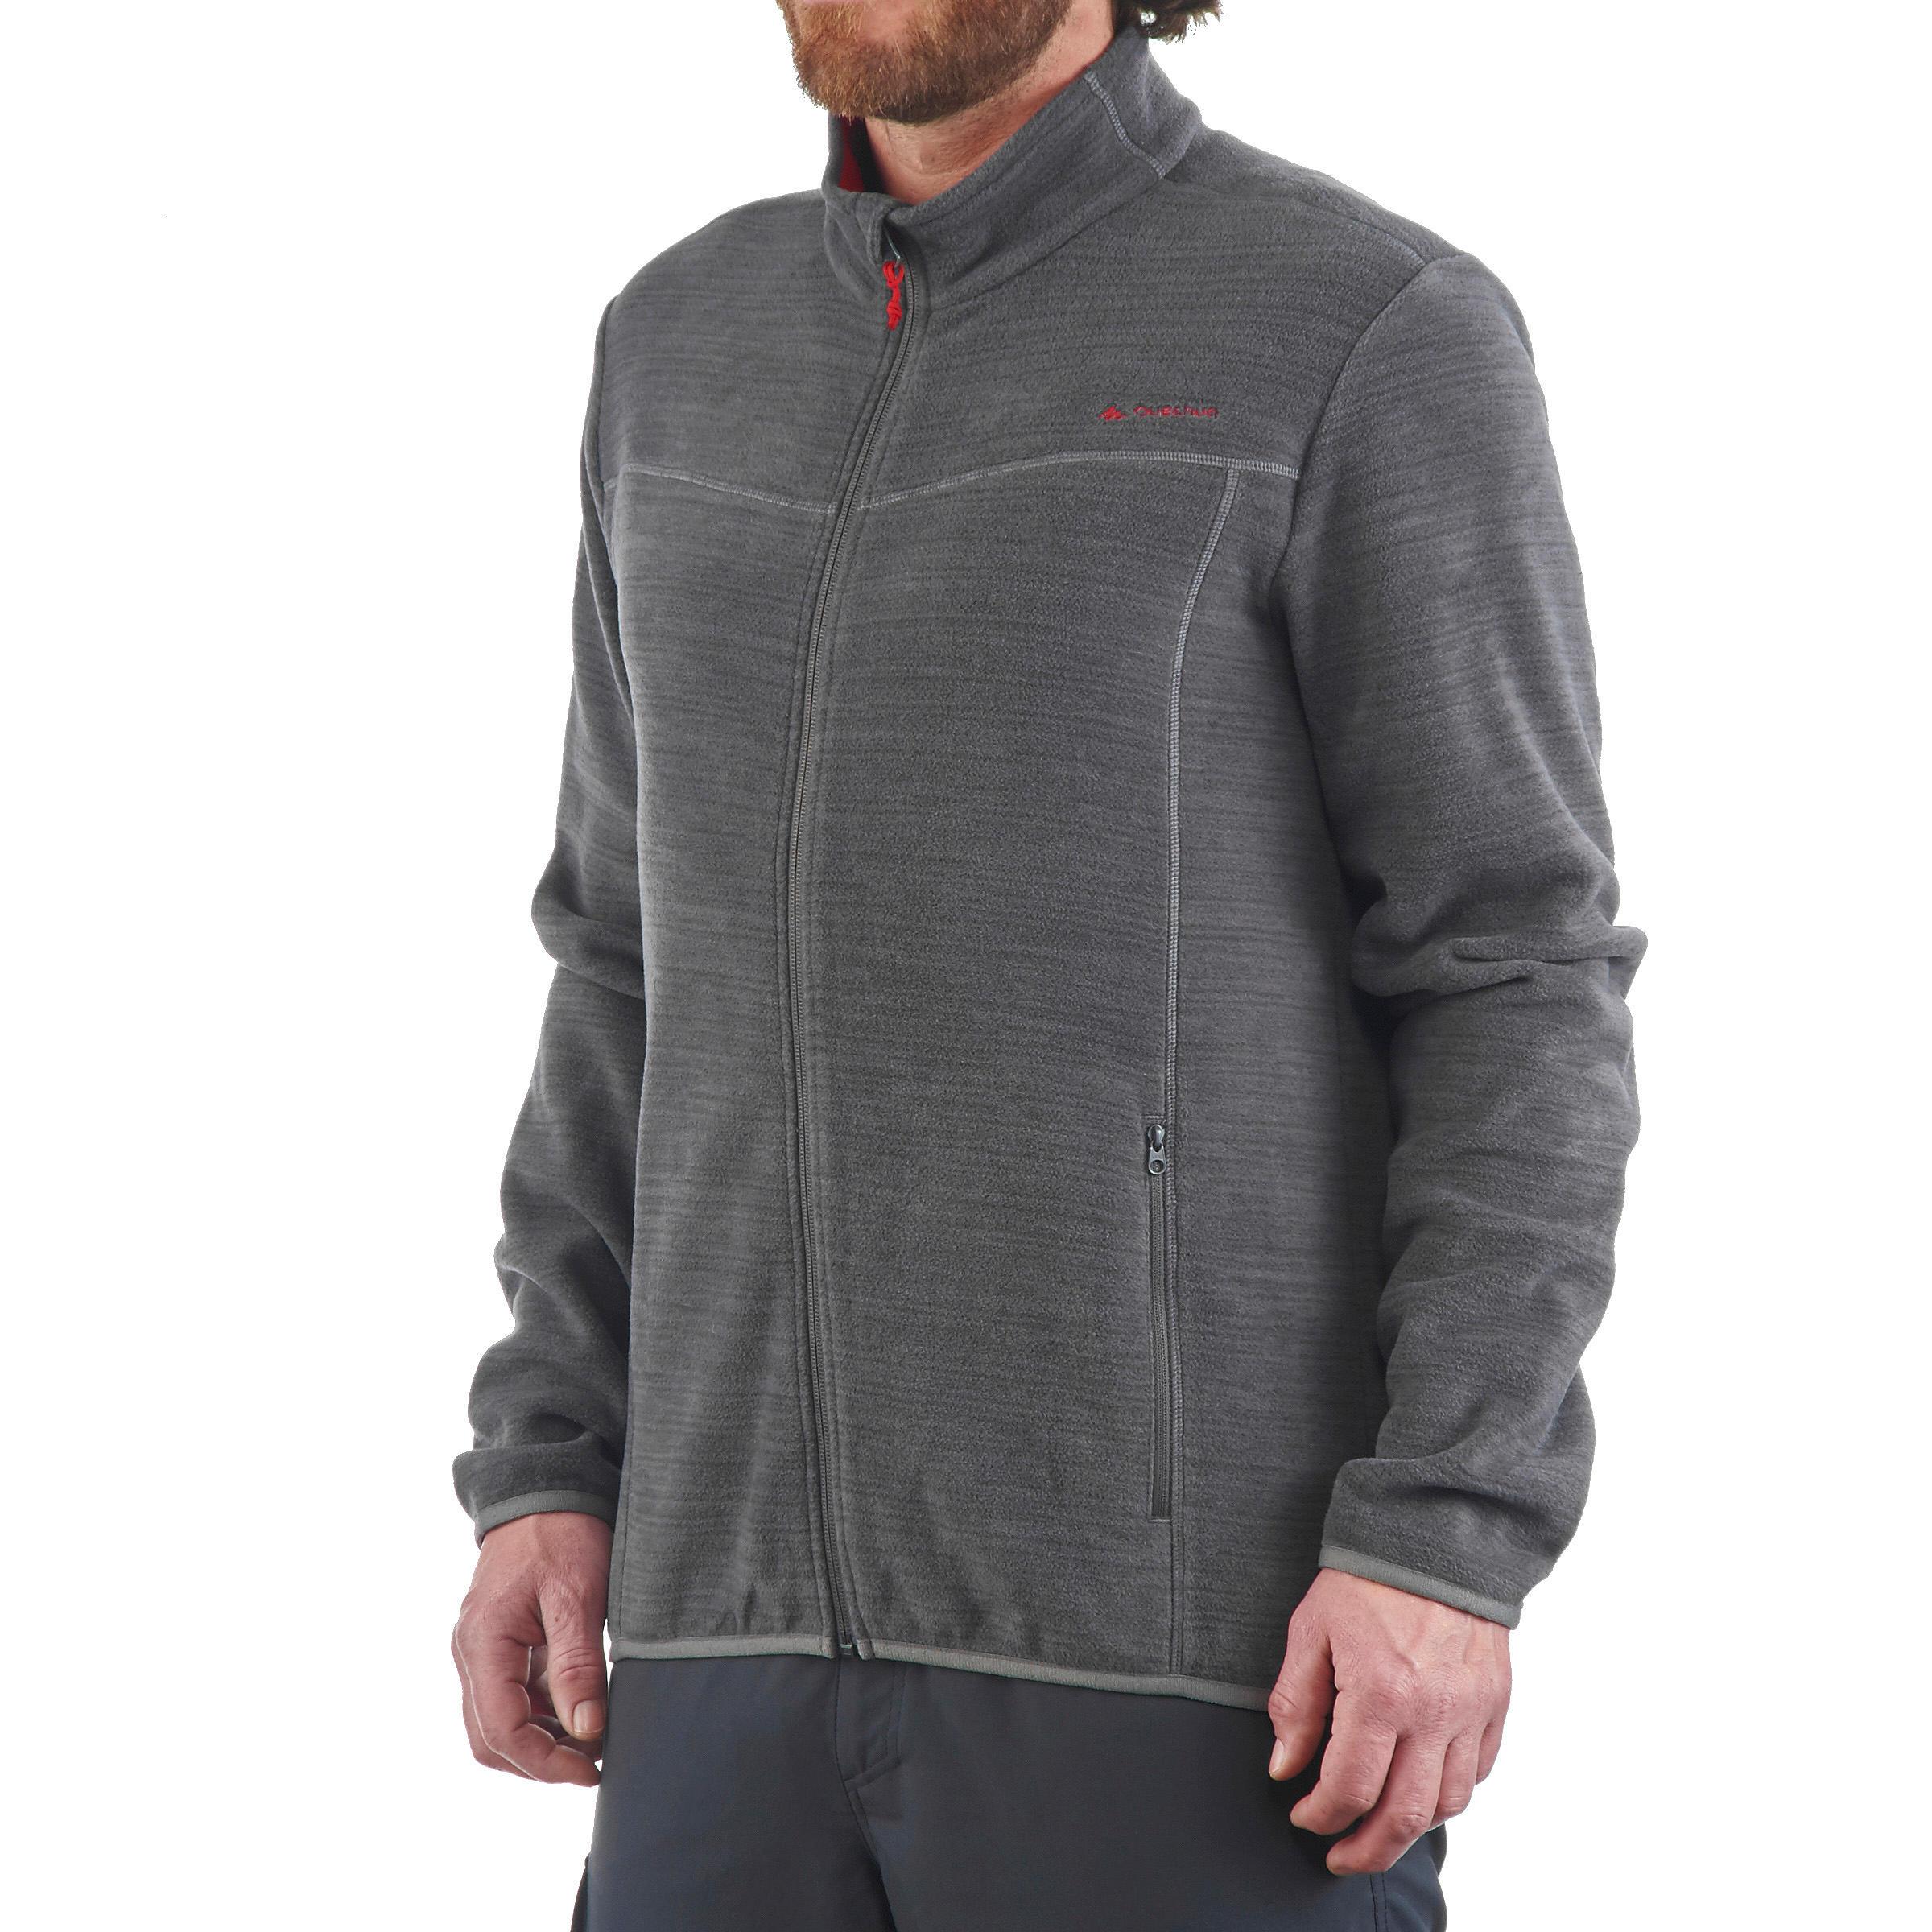 Veste polaire randonnée montagne homme Forclaz 200 gris chiné